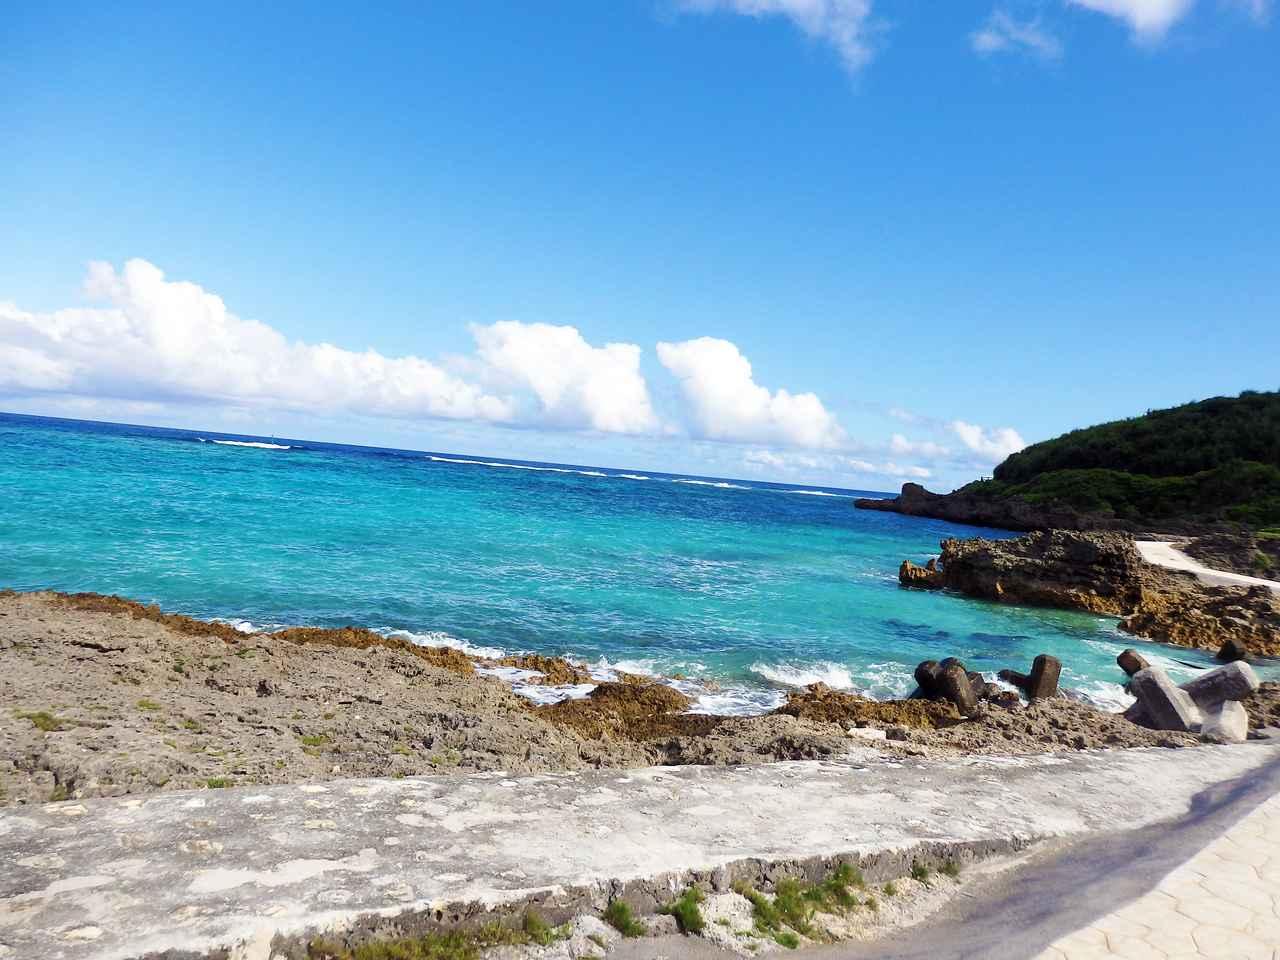 画像: 宮古島の個性派ビーチ『 イムギャーマリンガーデン 』-沖縄旅行激安予約サイトの沖縄旅予約ドットコム